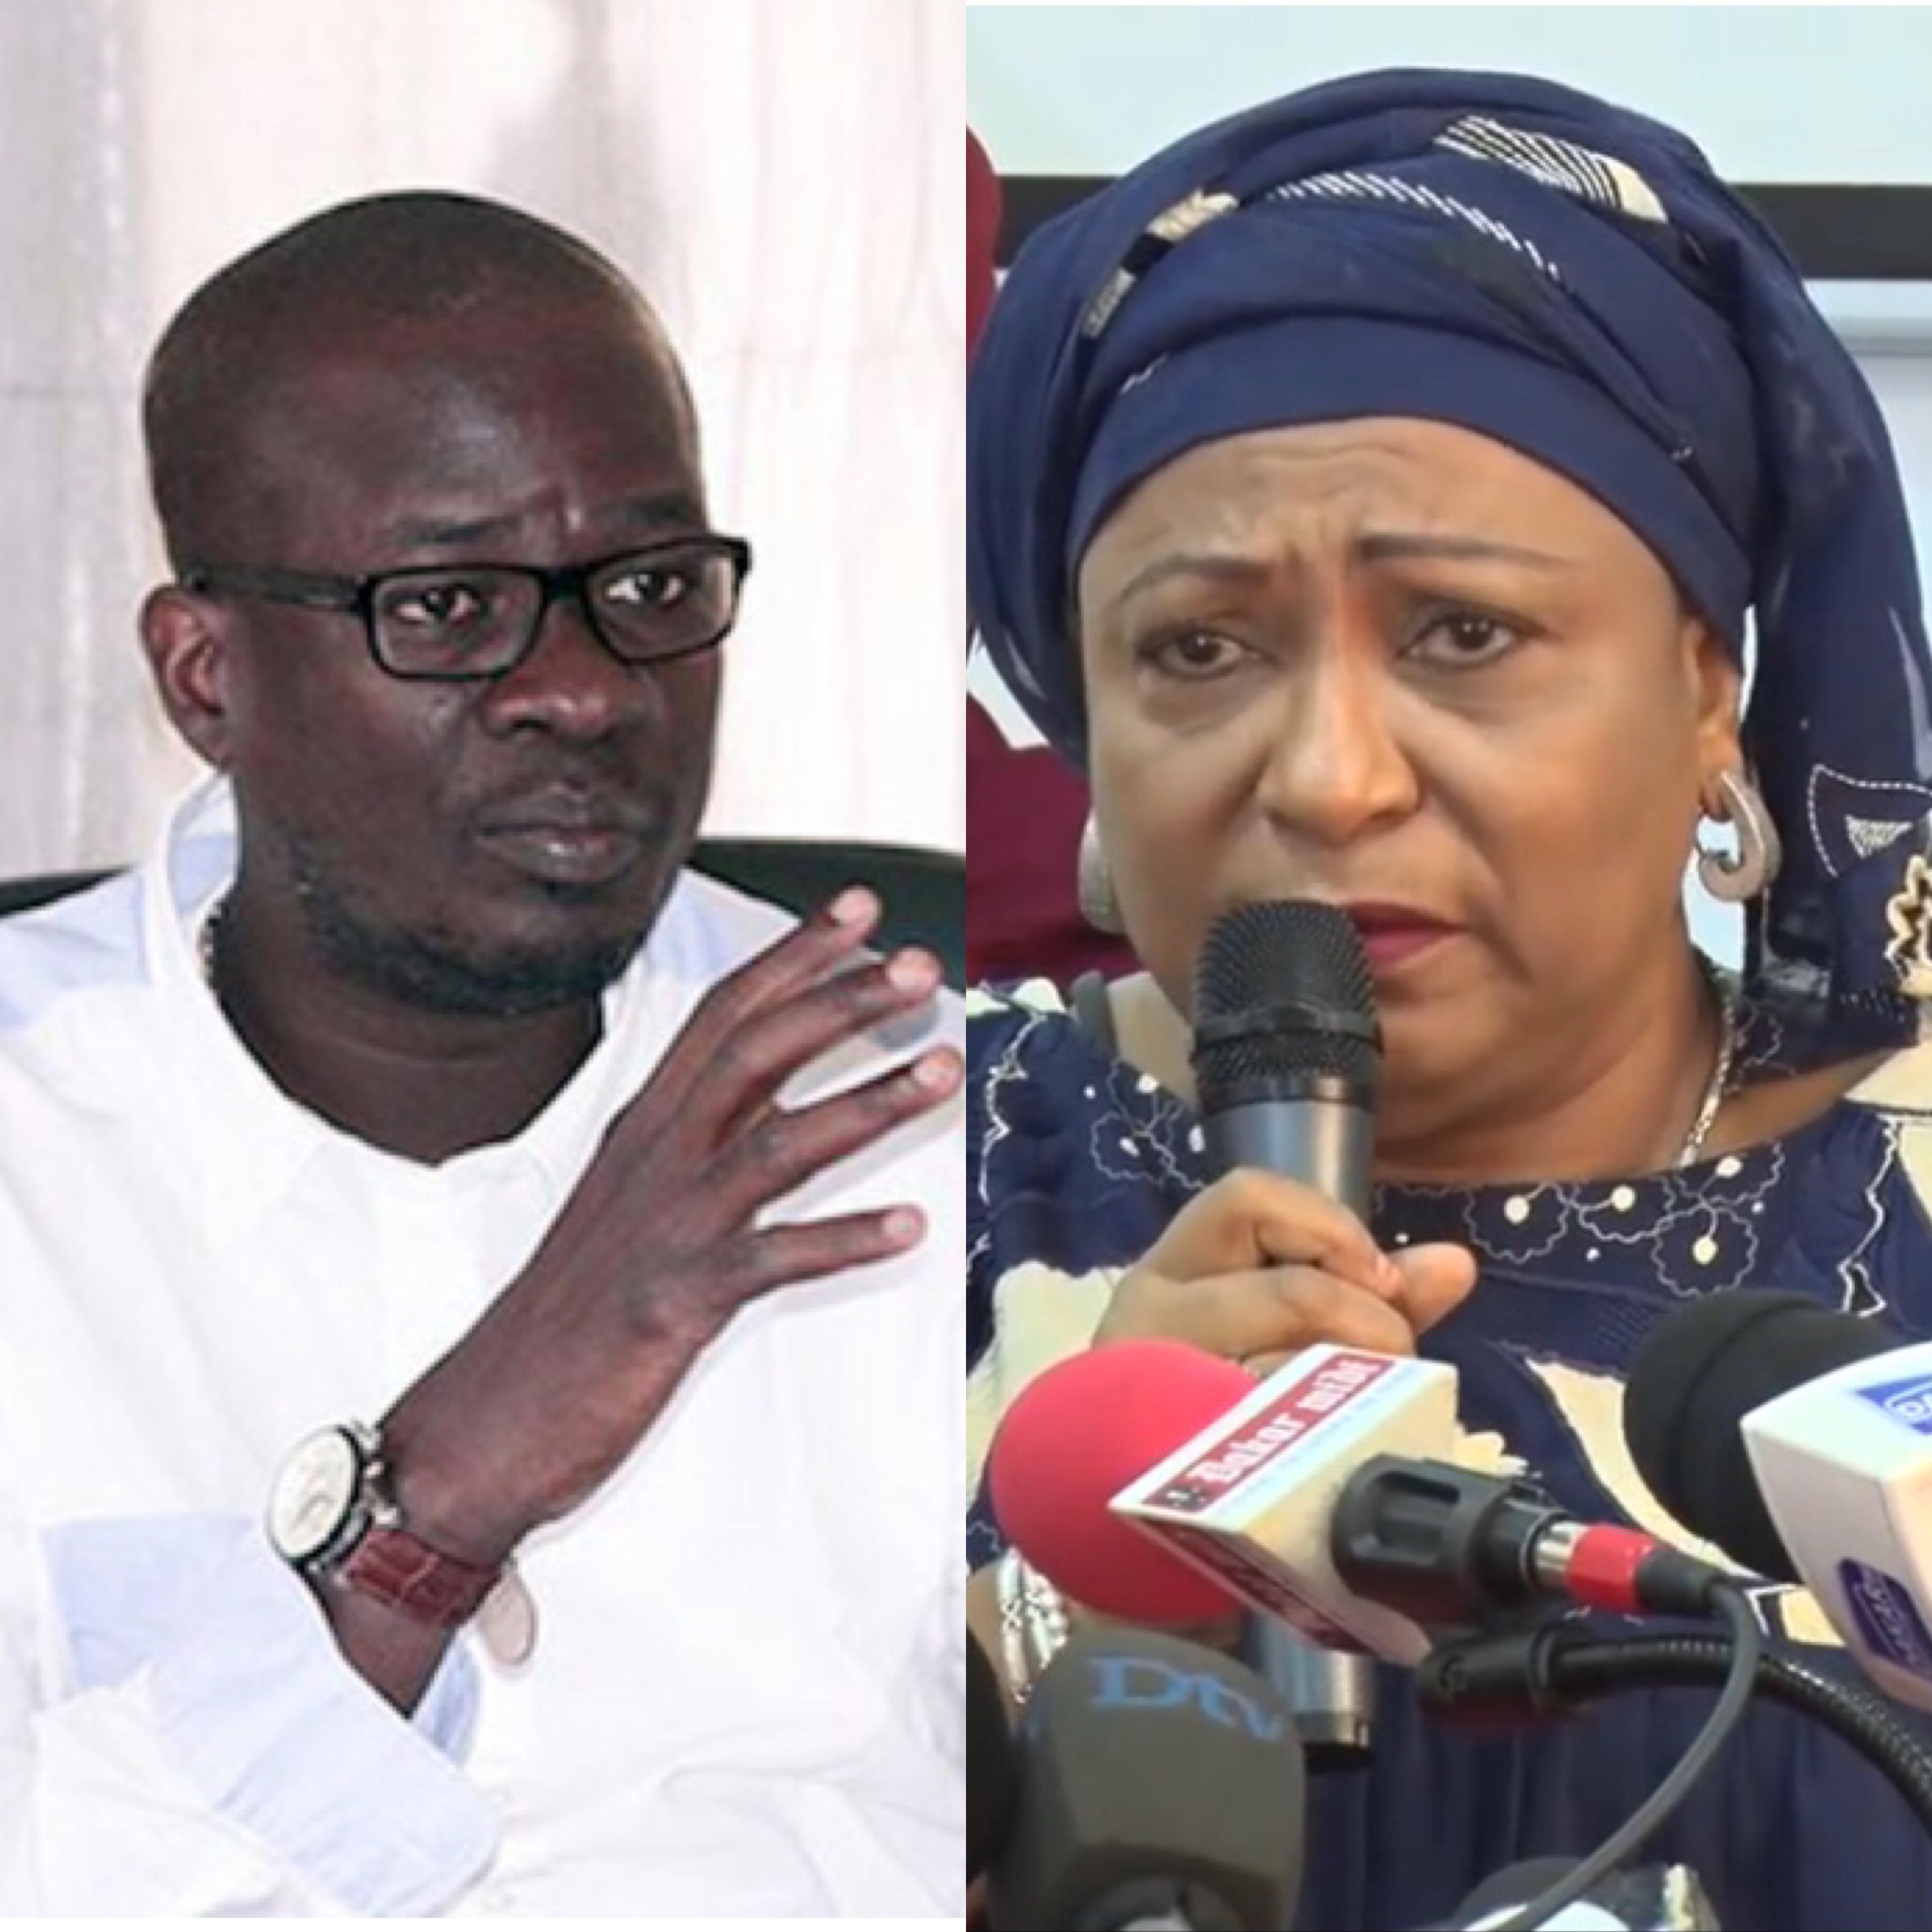 Succession de Khalifa Sall : Les conseillers convoqués samedi à 10h par le préfet de Dakar - Soham Wardini en pôle position face à Banda Diop